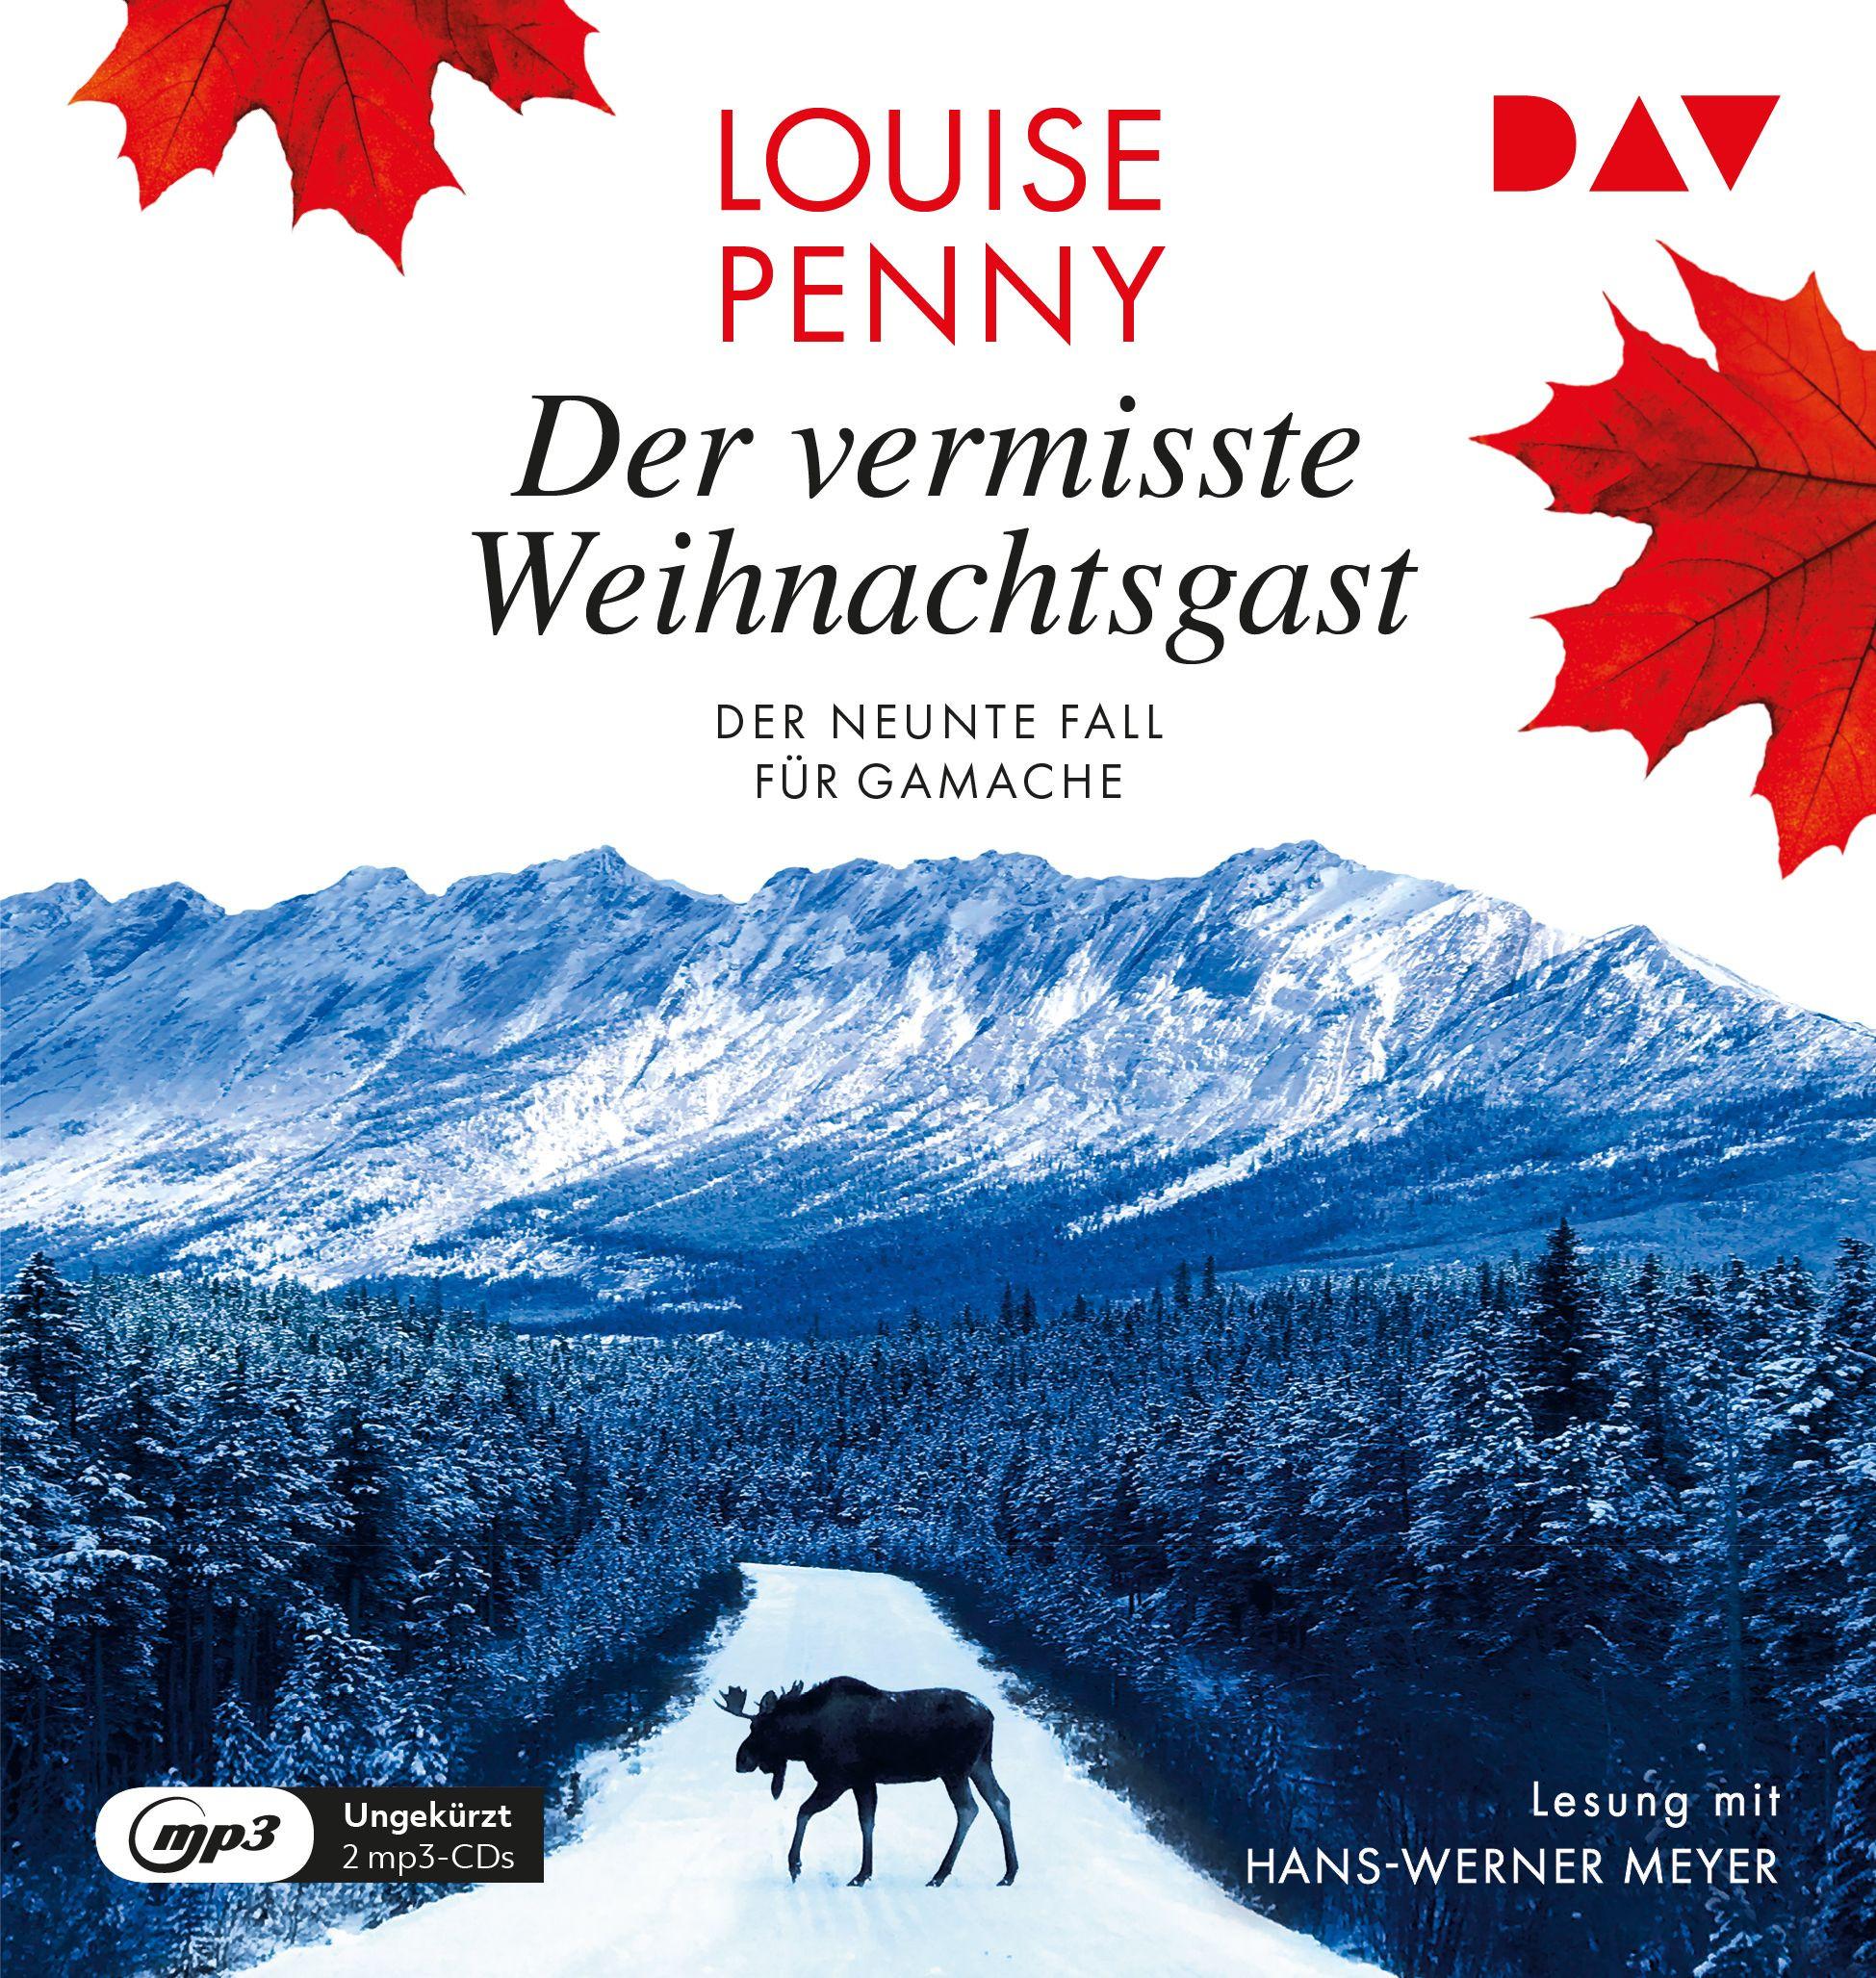 Louise Penny - Der vermisste Weihnachtsgast. Der neunte Fall für Gamache